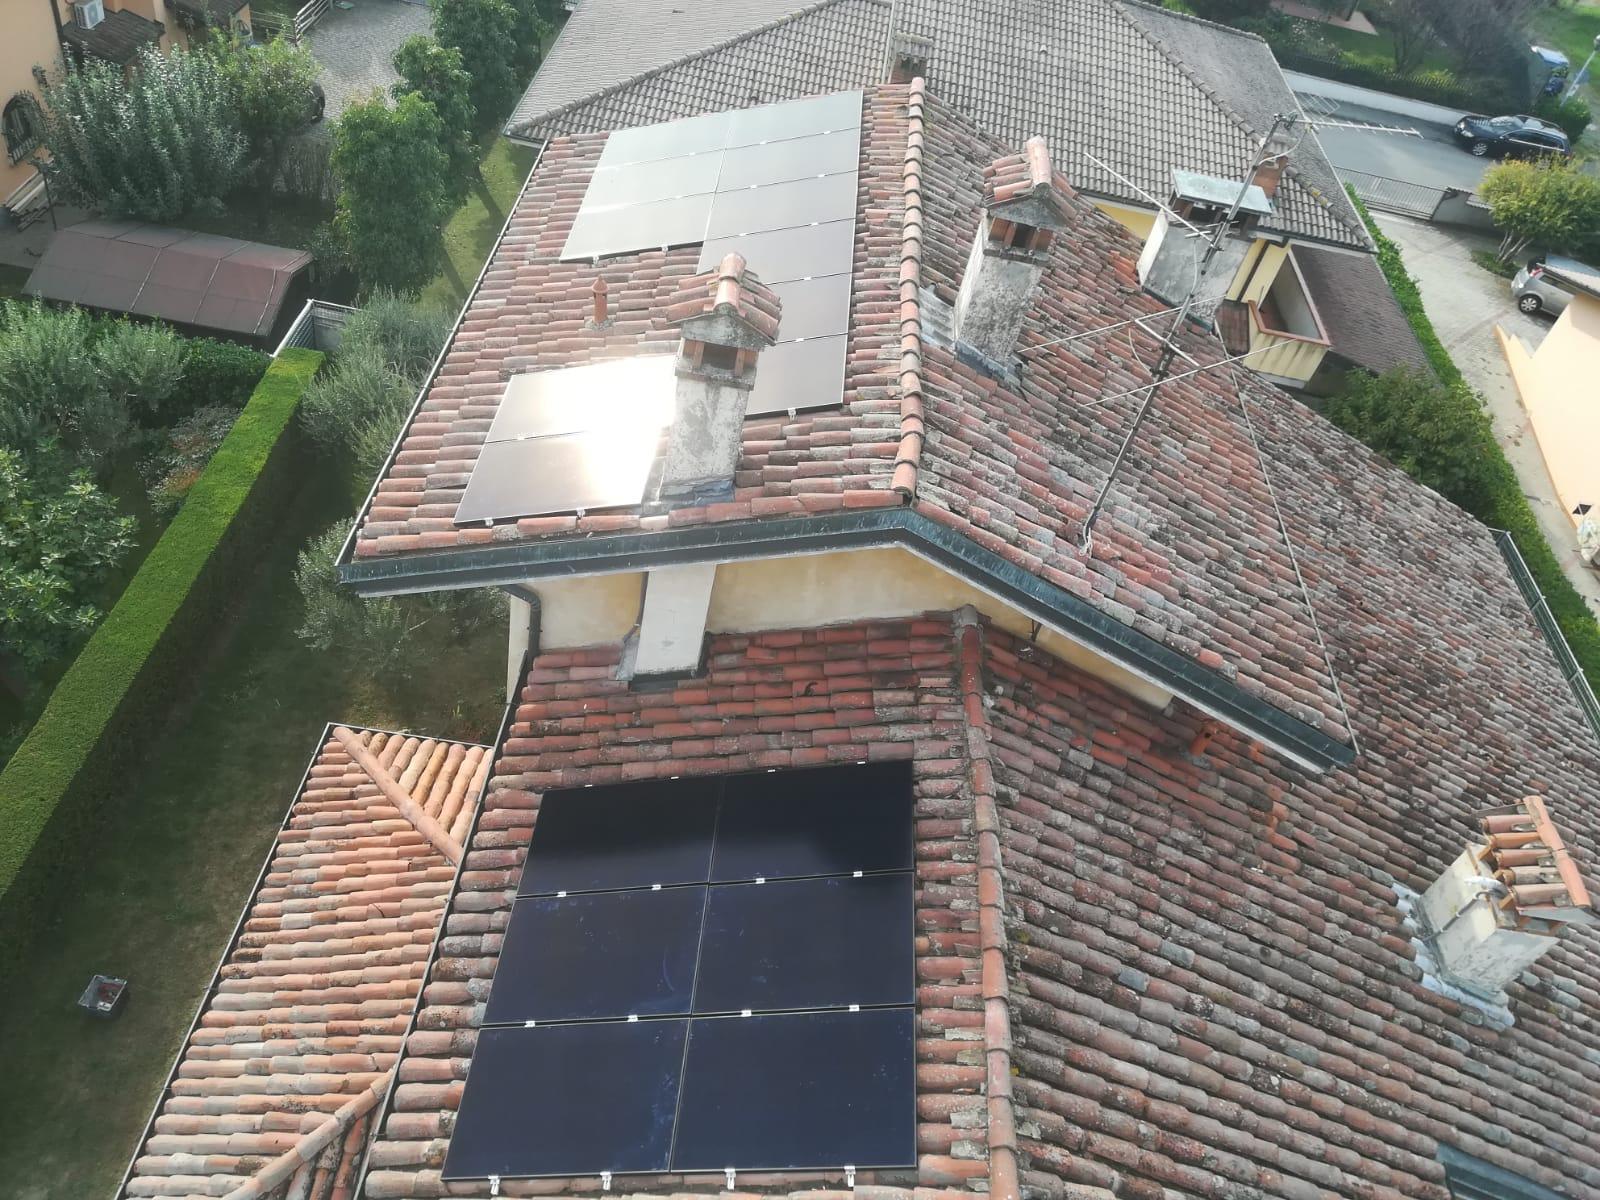 Installazione impianto fotovoltaico SunPower da 5,95 kWp a Somaglia (LO)